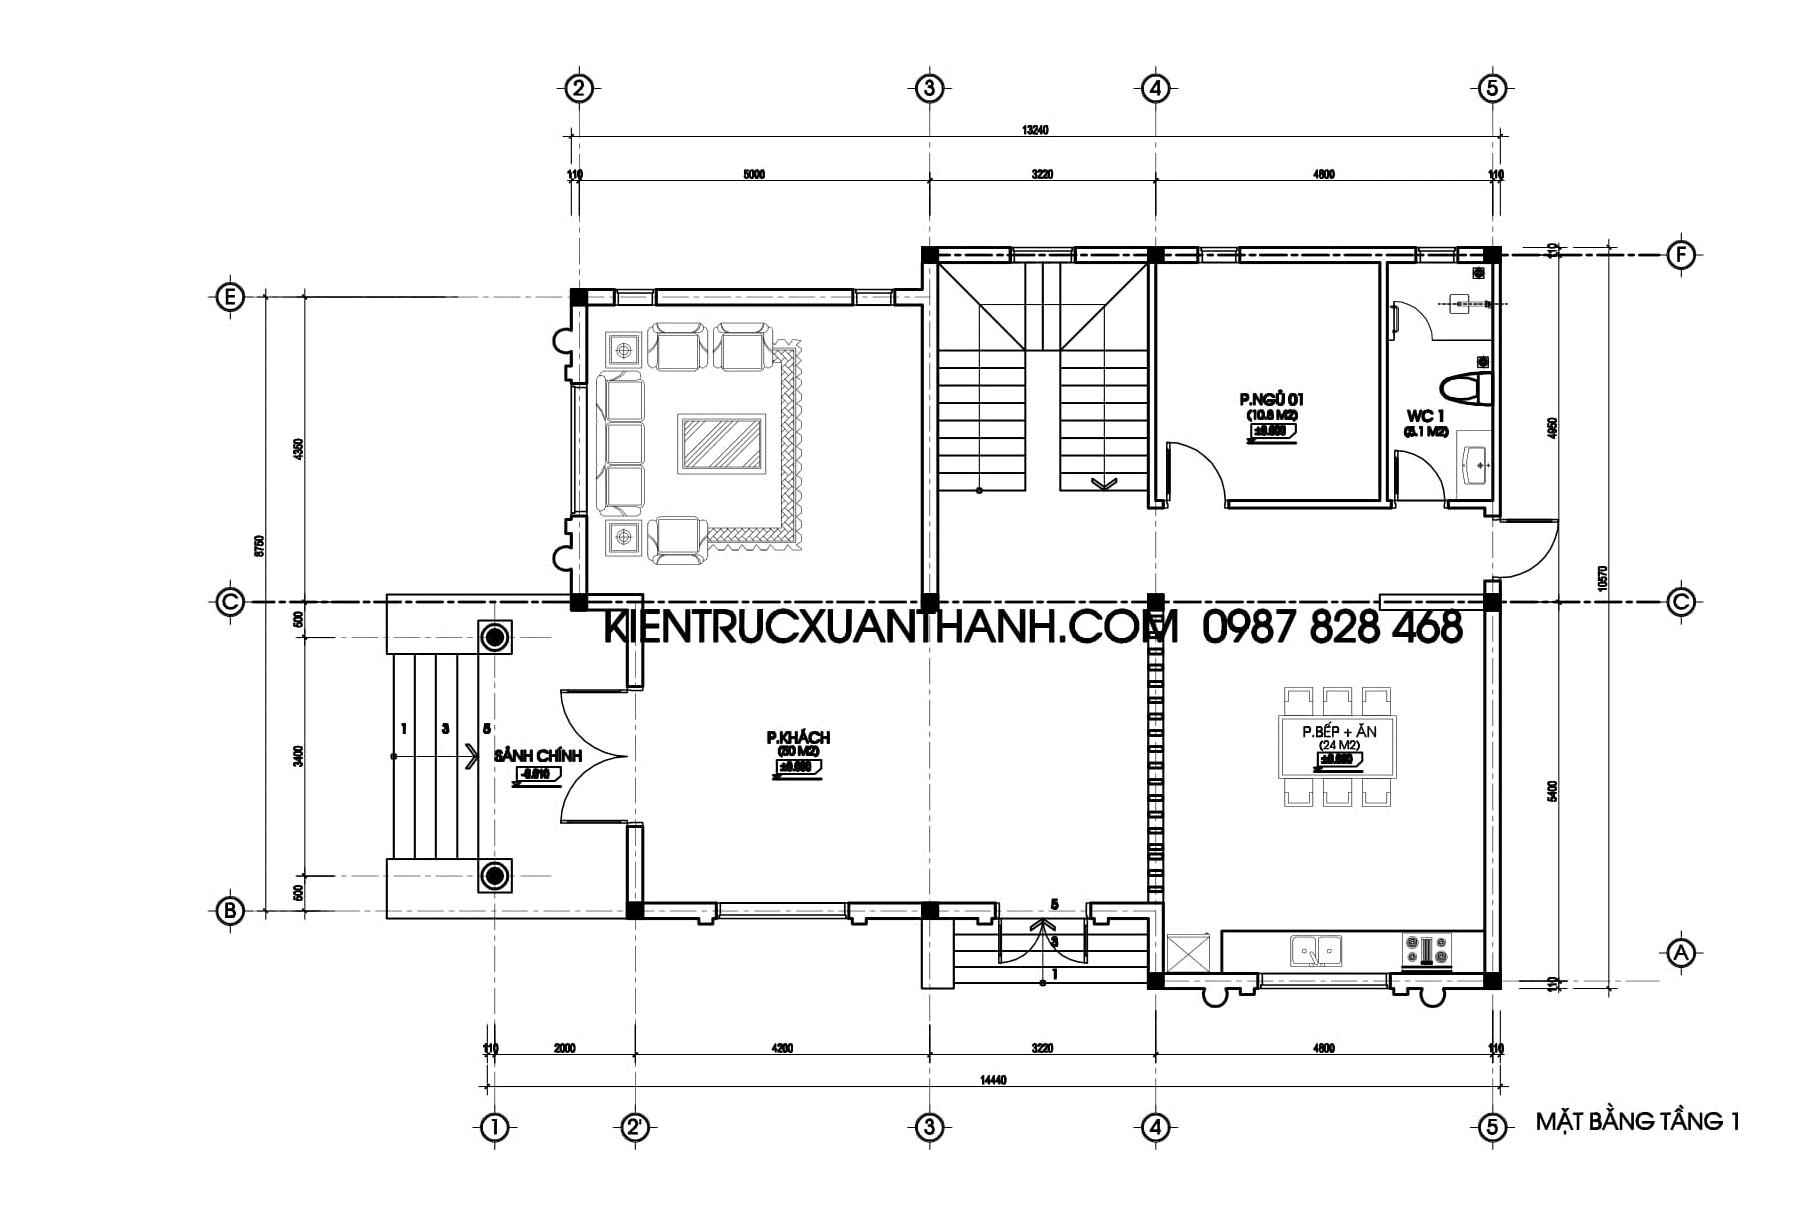 Mặt bằng nhà biệt thự 2 tầng đẹp BT18296